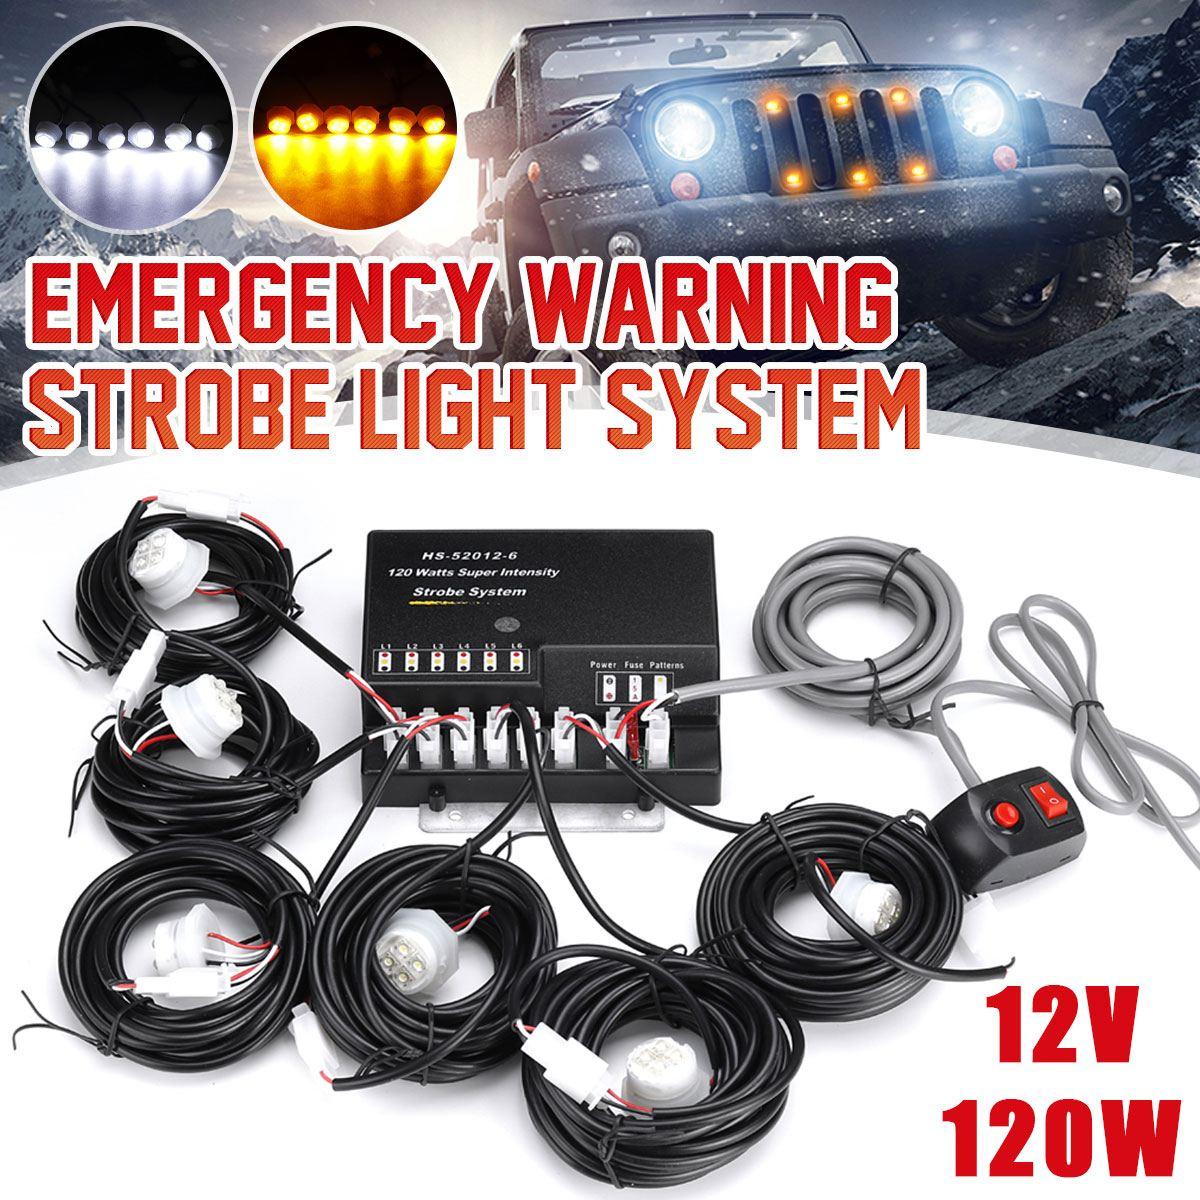 12V 120W voiture cacher loin avertissement de danger d'urgence Flash stroboscopes Kit de système de lumière 6 pièces ampoule LED Kit de phare